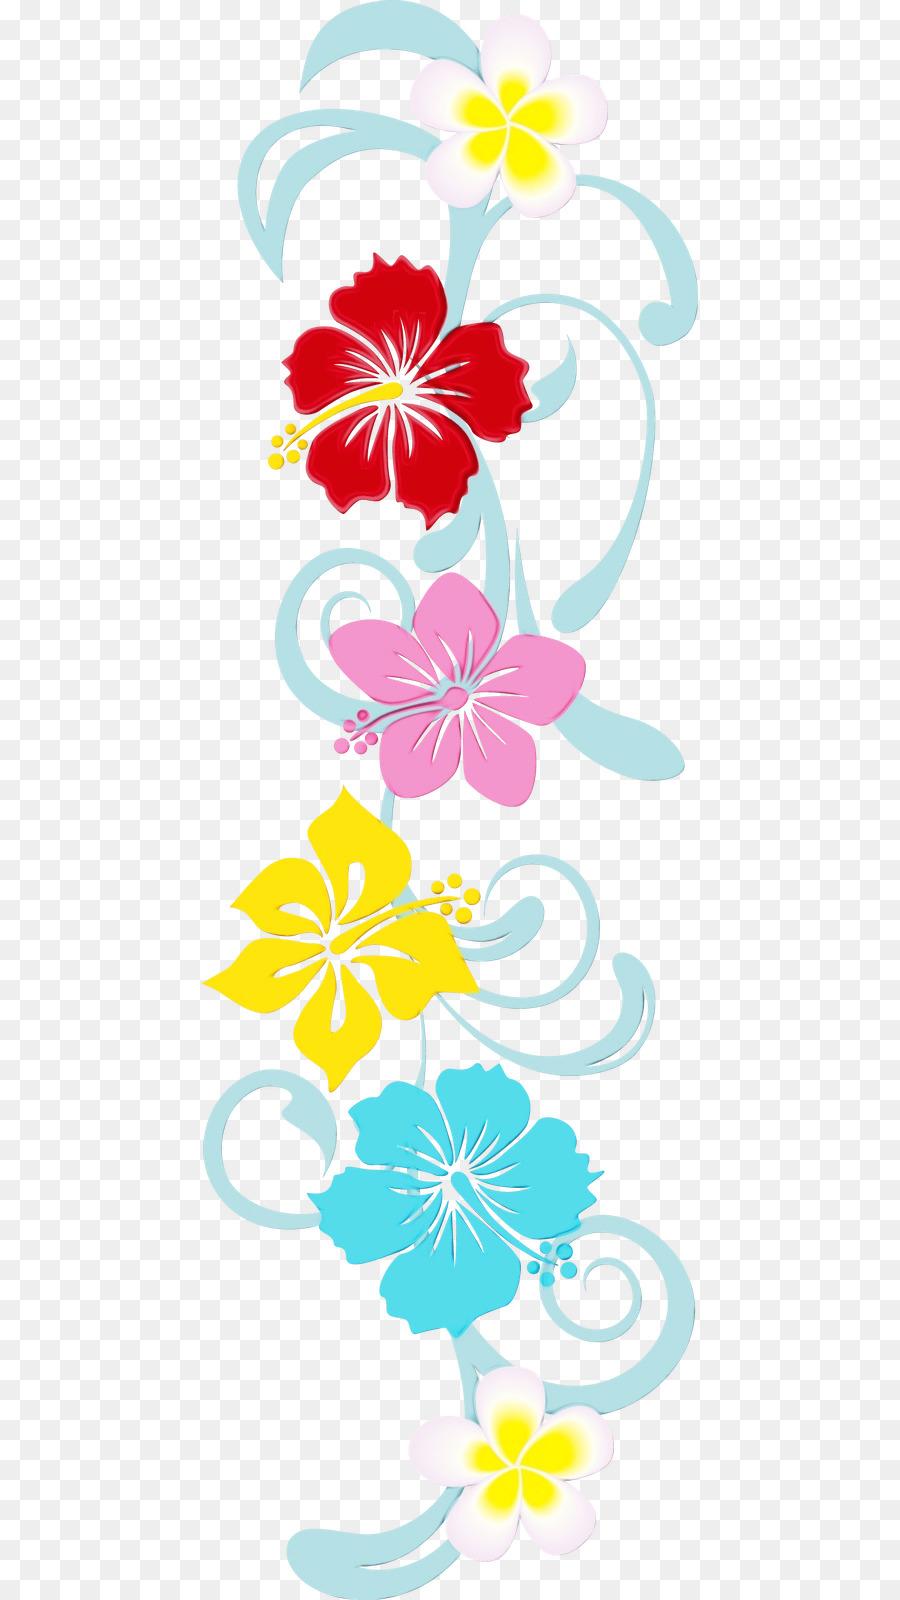 Descarga gratuita de Diseño Floral, Flor, Diseño Gráfico Imágen de Png